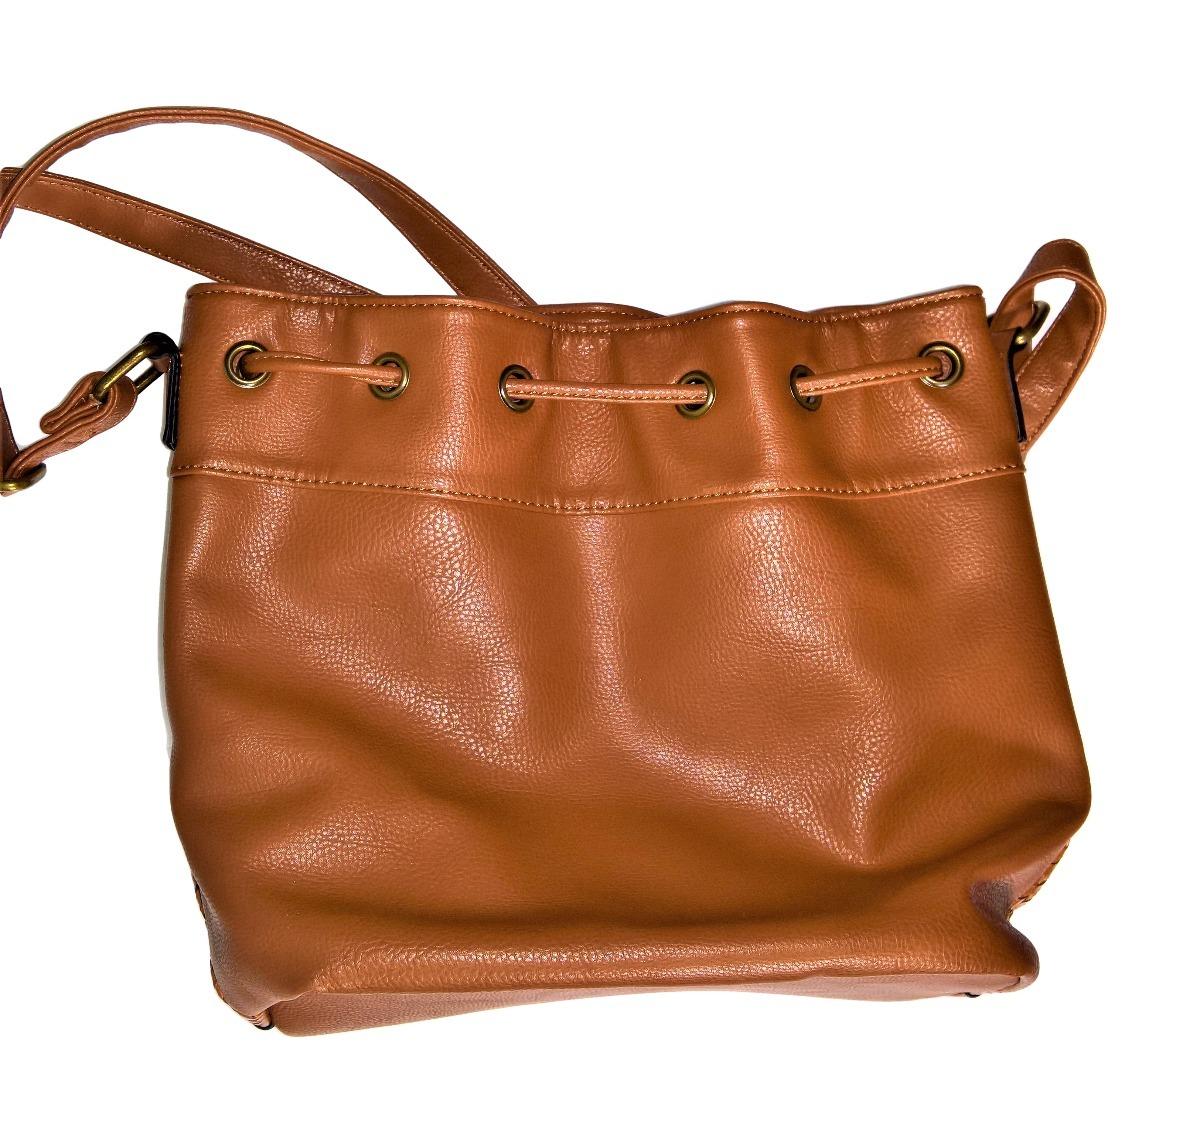 fa452314e bolsa caramelo tressé saco franjas trançada alça regulável. Carregando zoom.